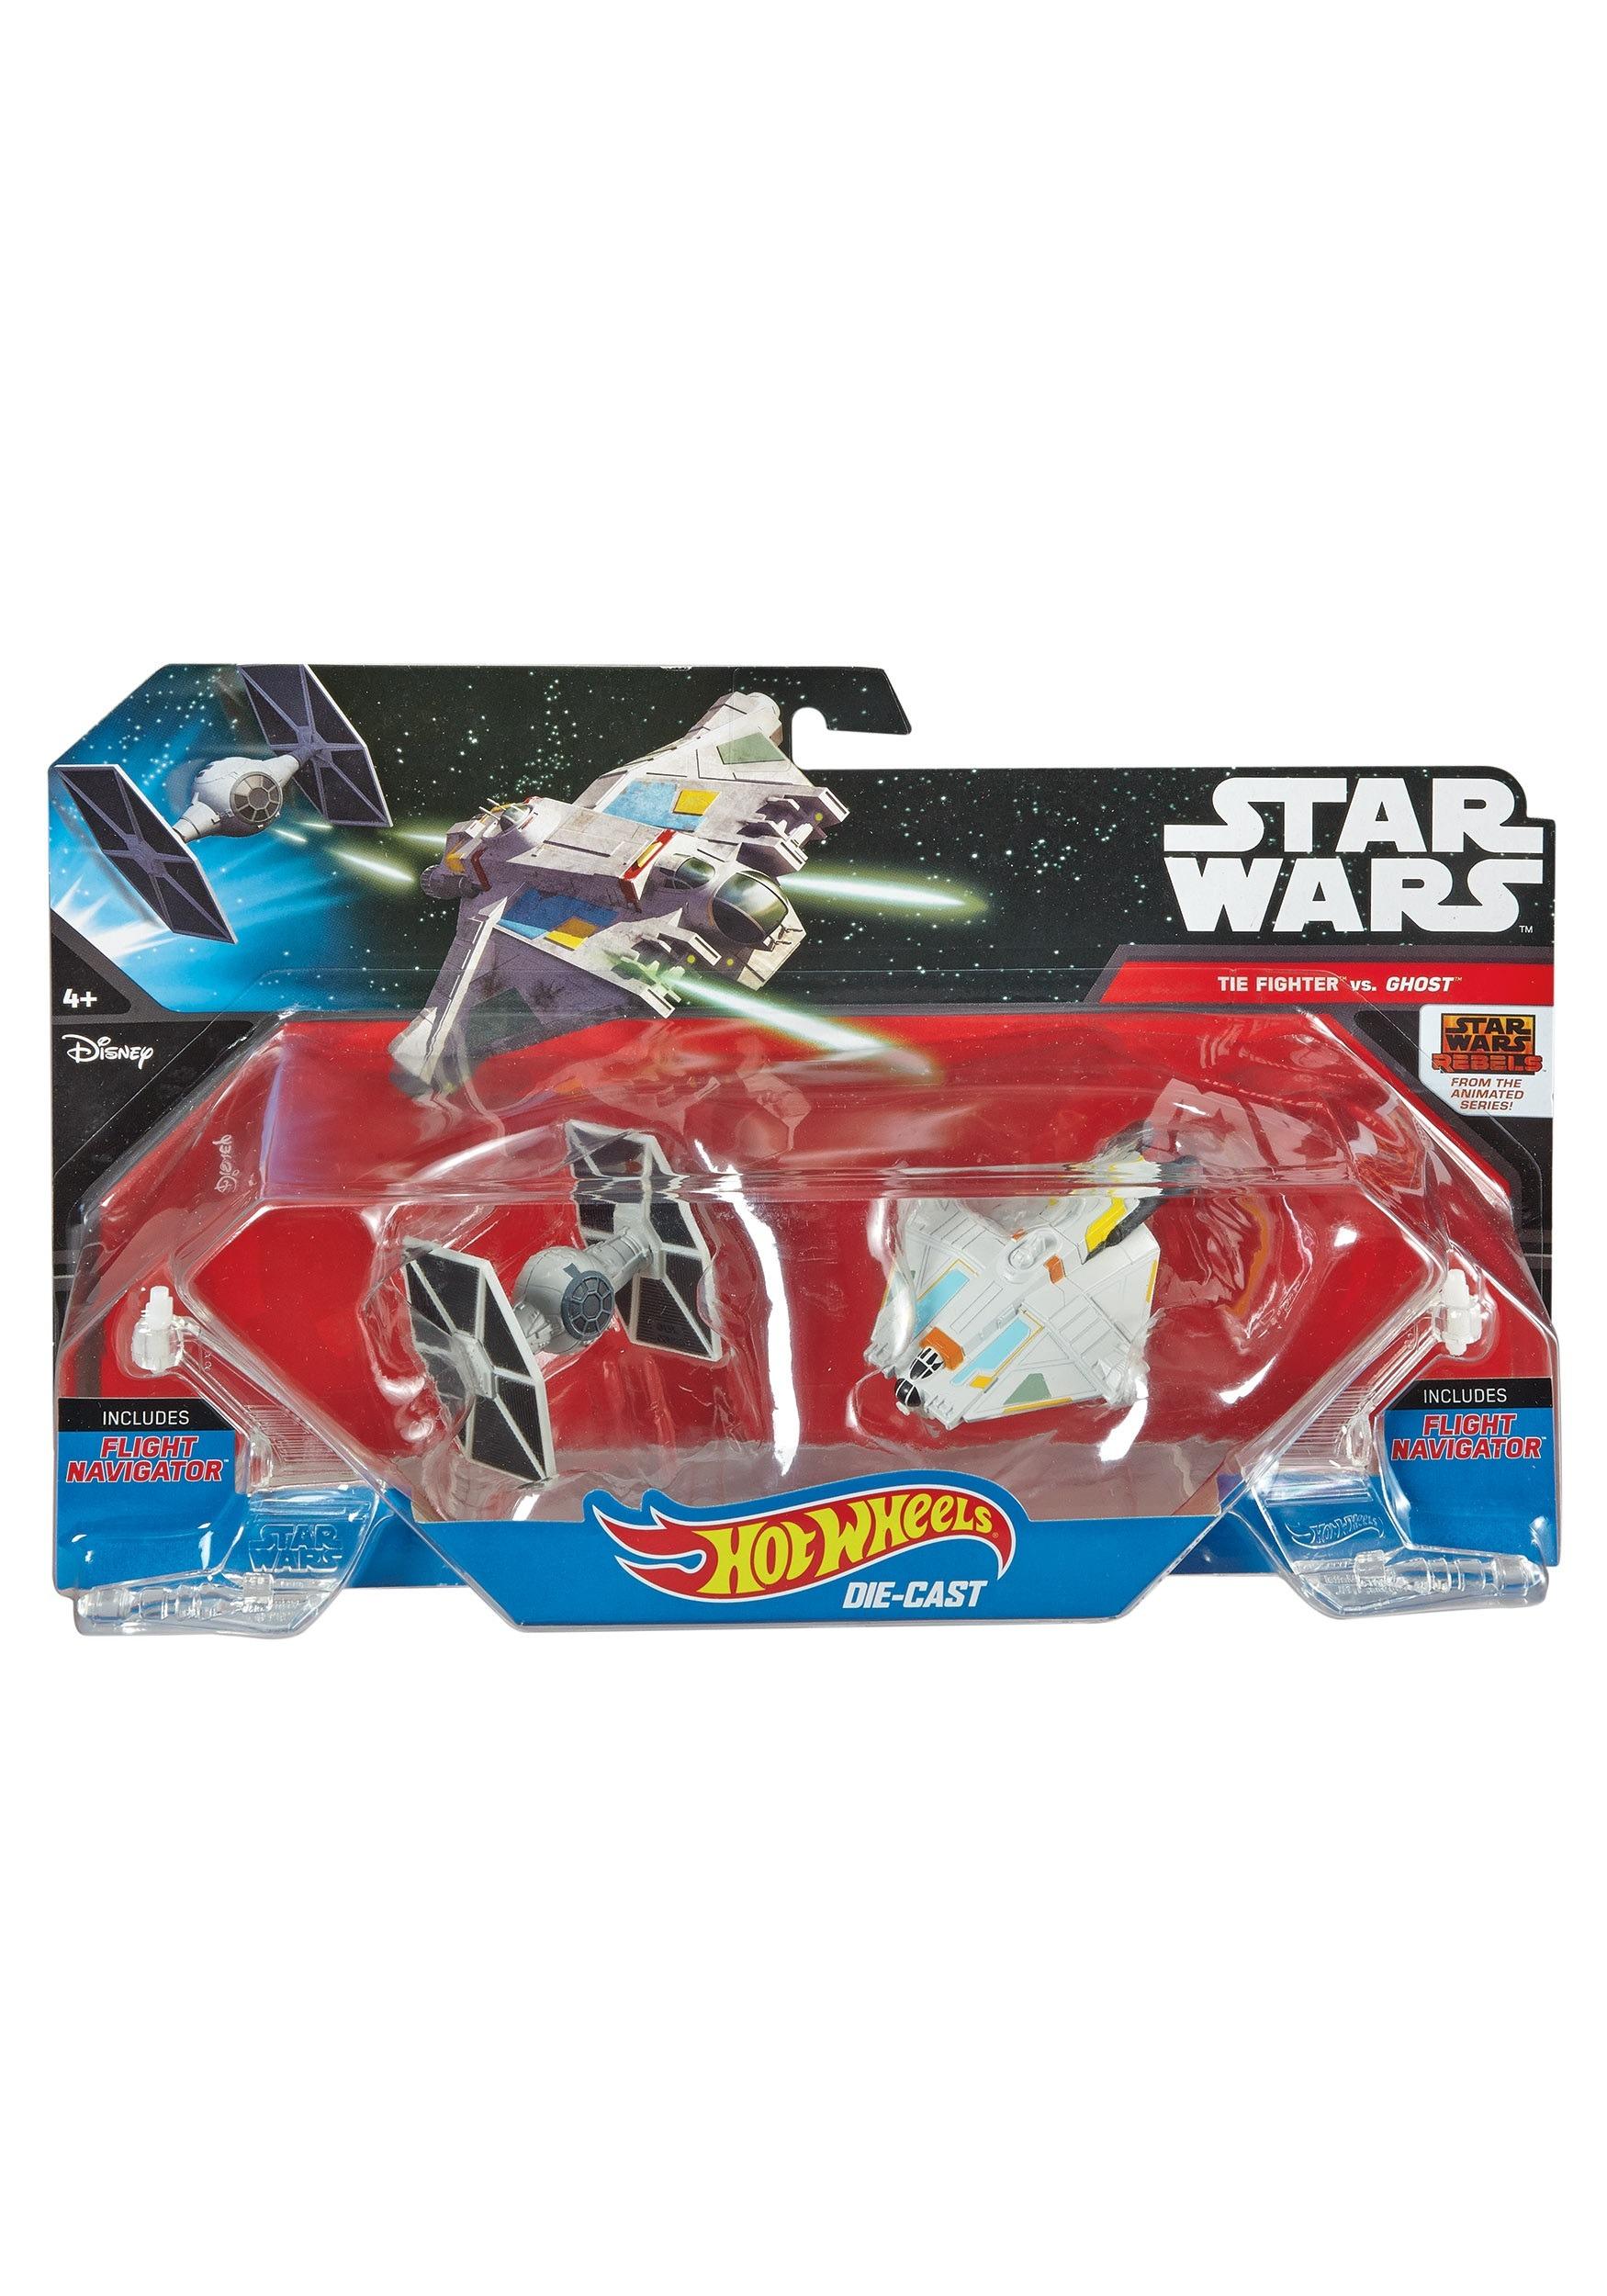 Hot Wheels Star Wars Rebels Ghost vs TIE Fighter MLDLP58